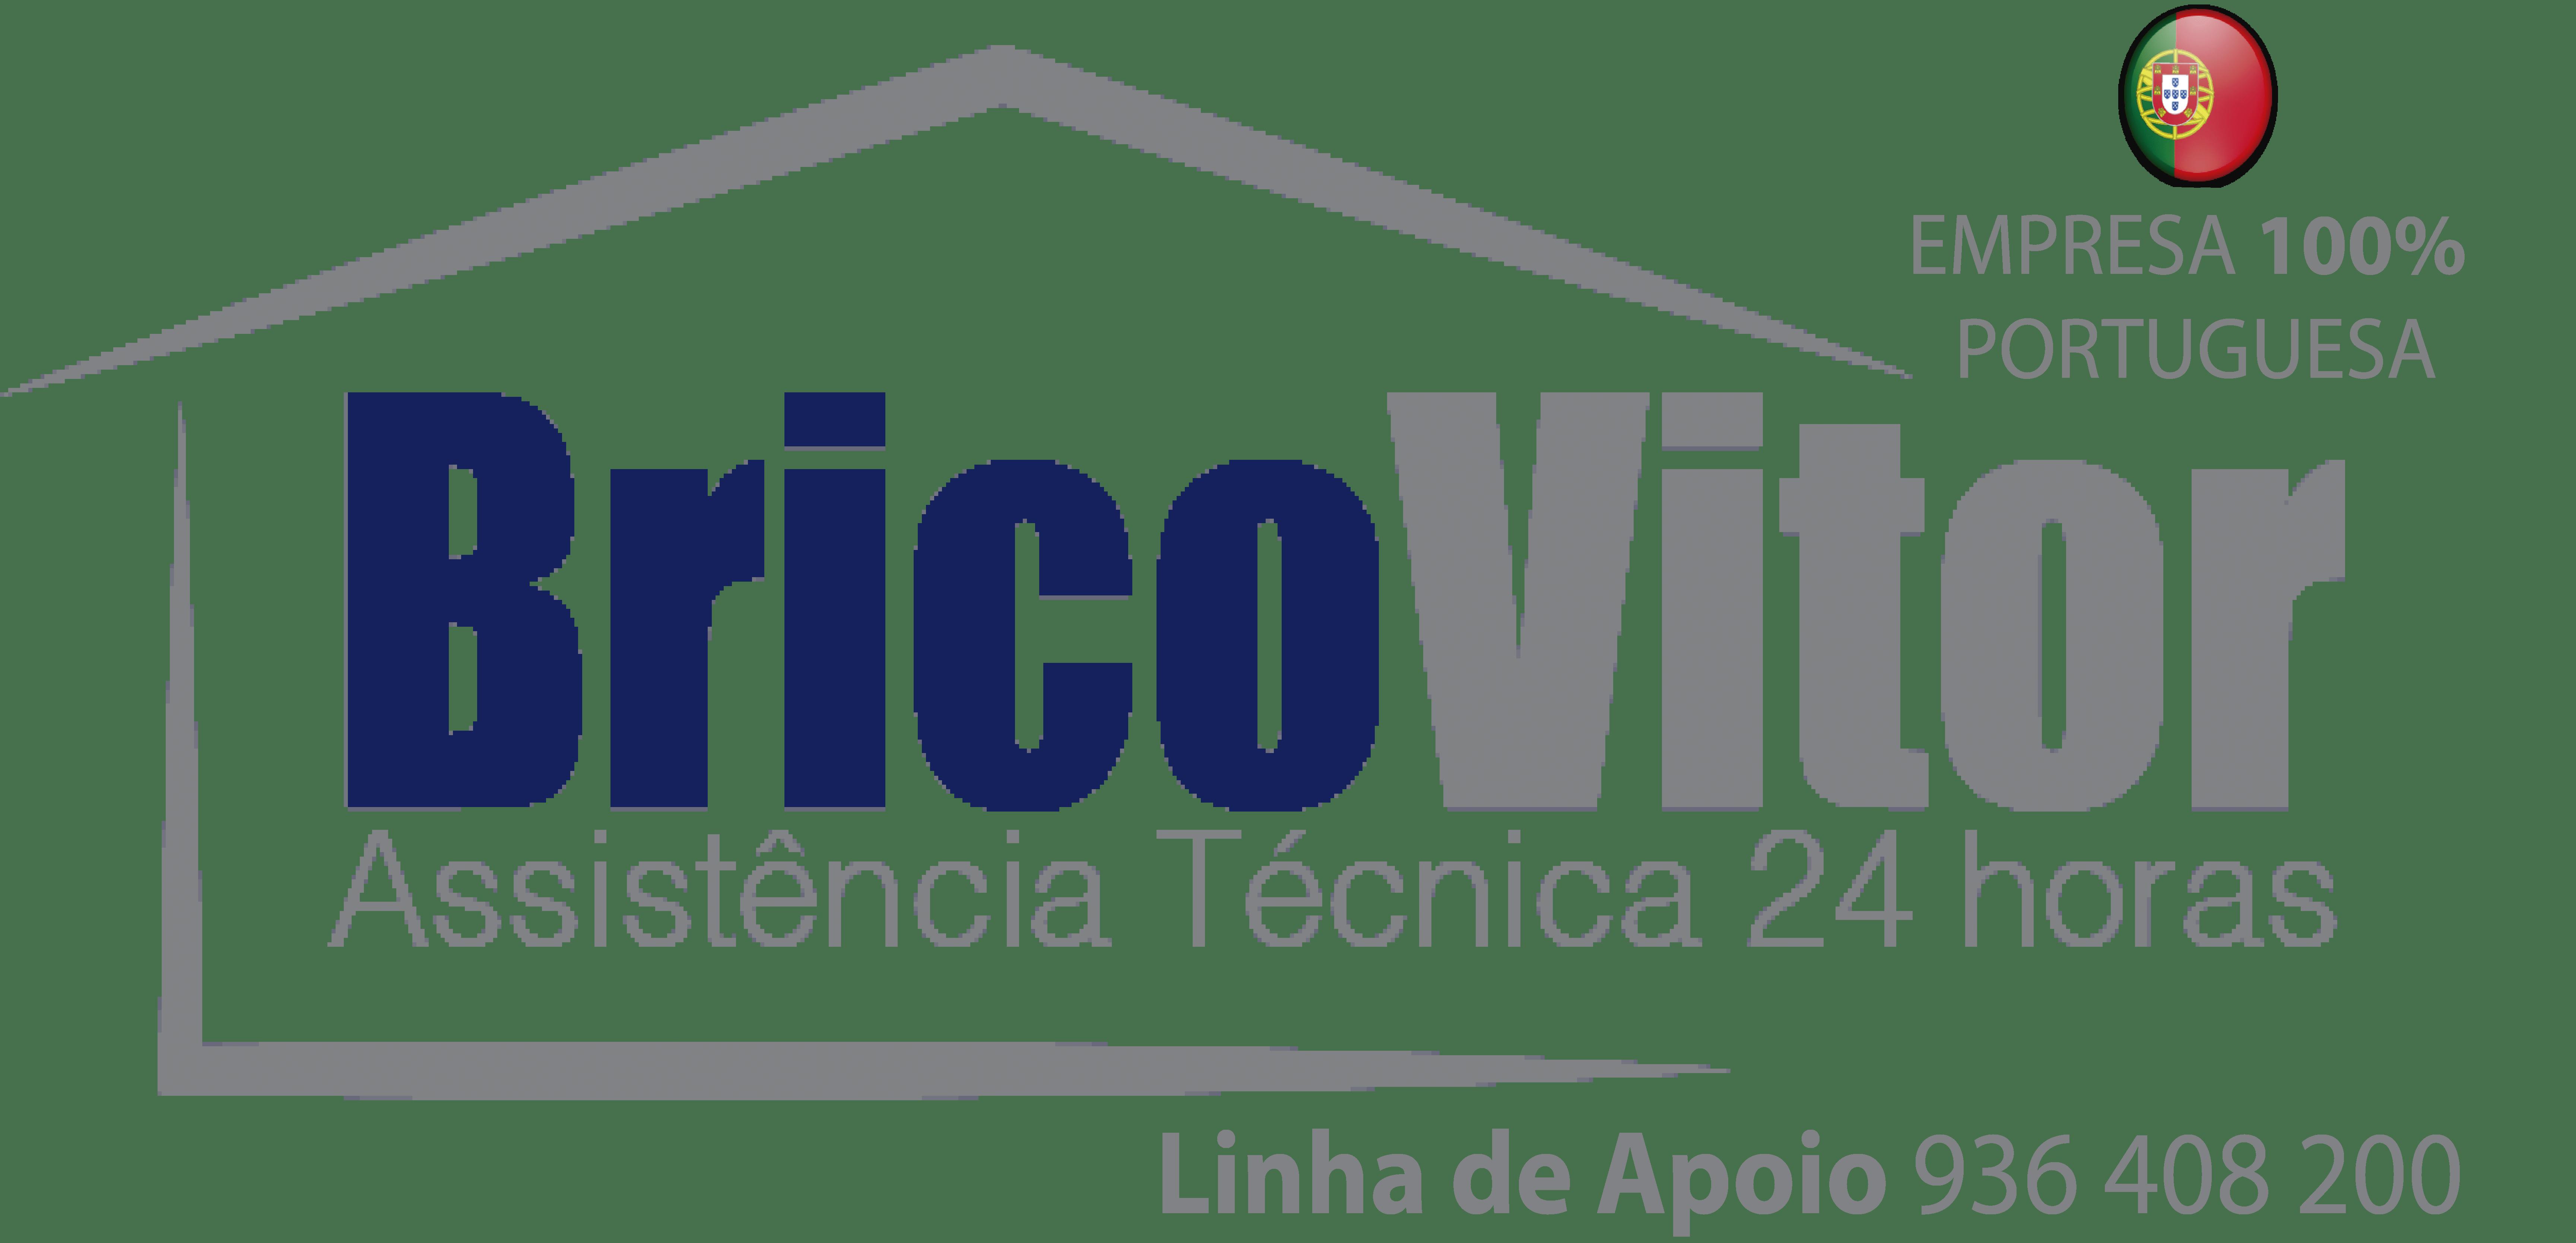 Assistência Esquentadores Chaffoteaux et Maury Vila Nova de Famalicão